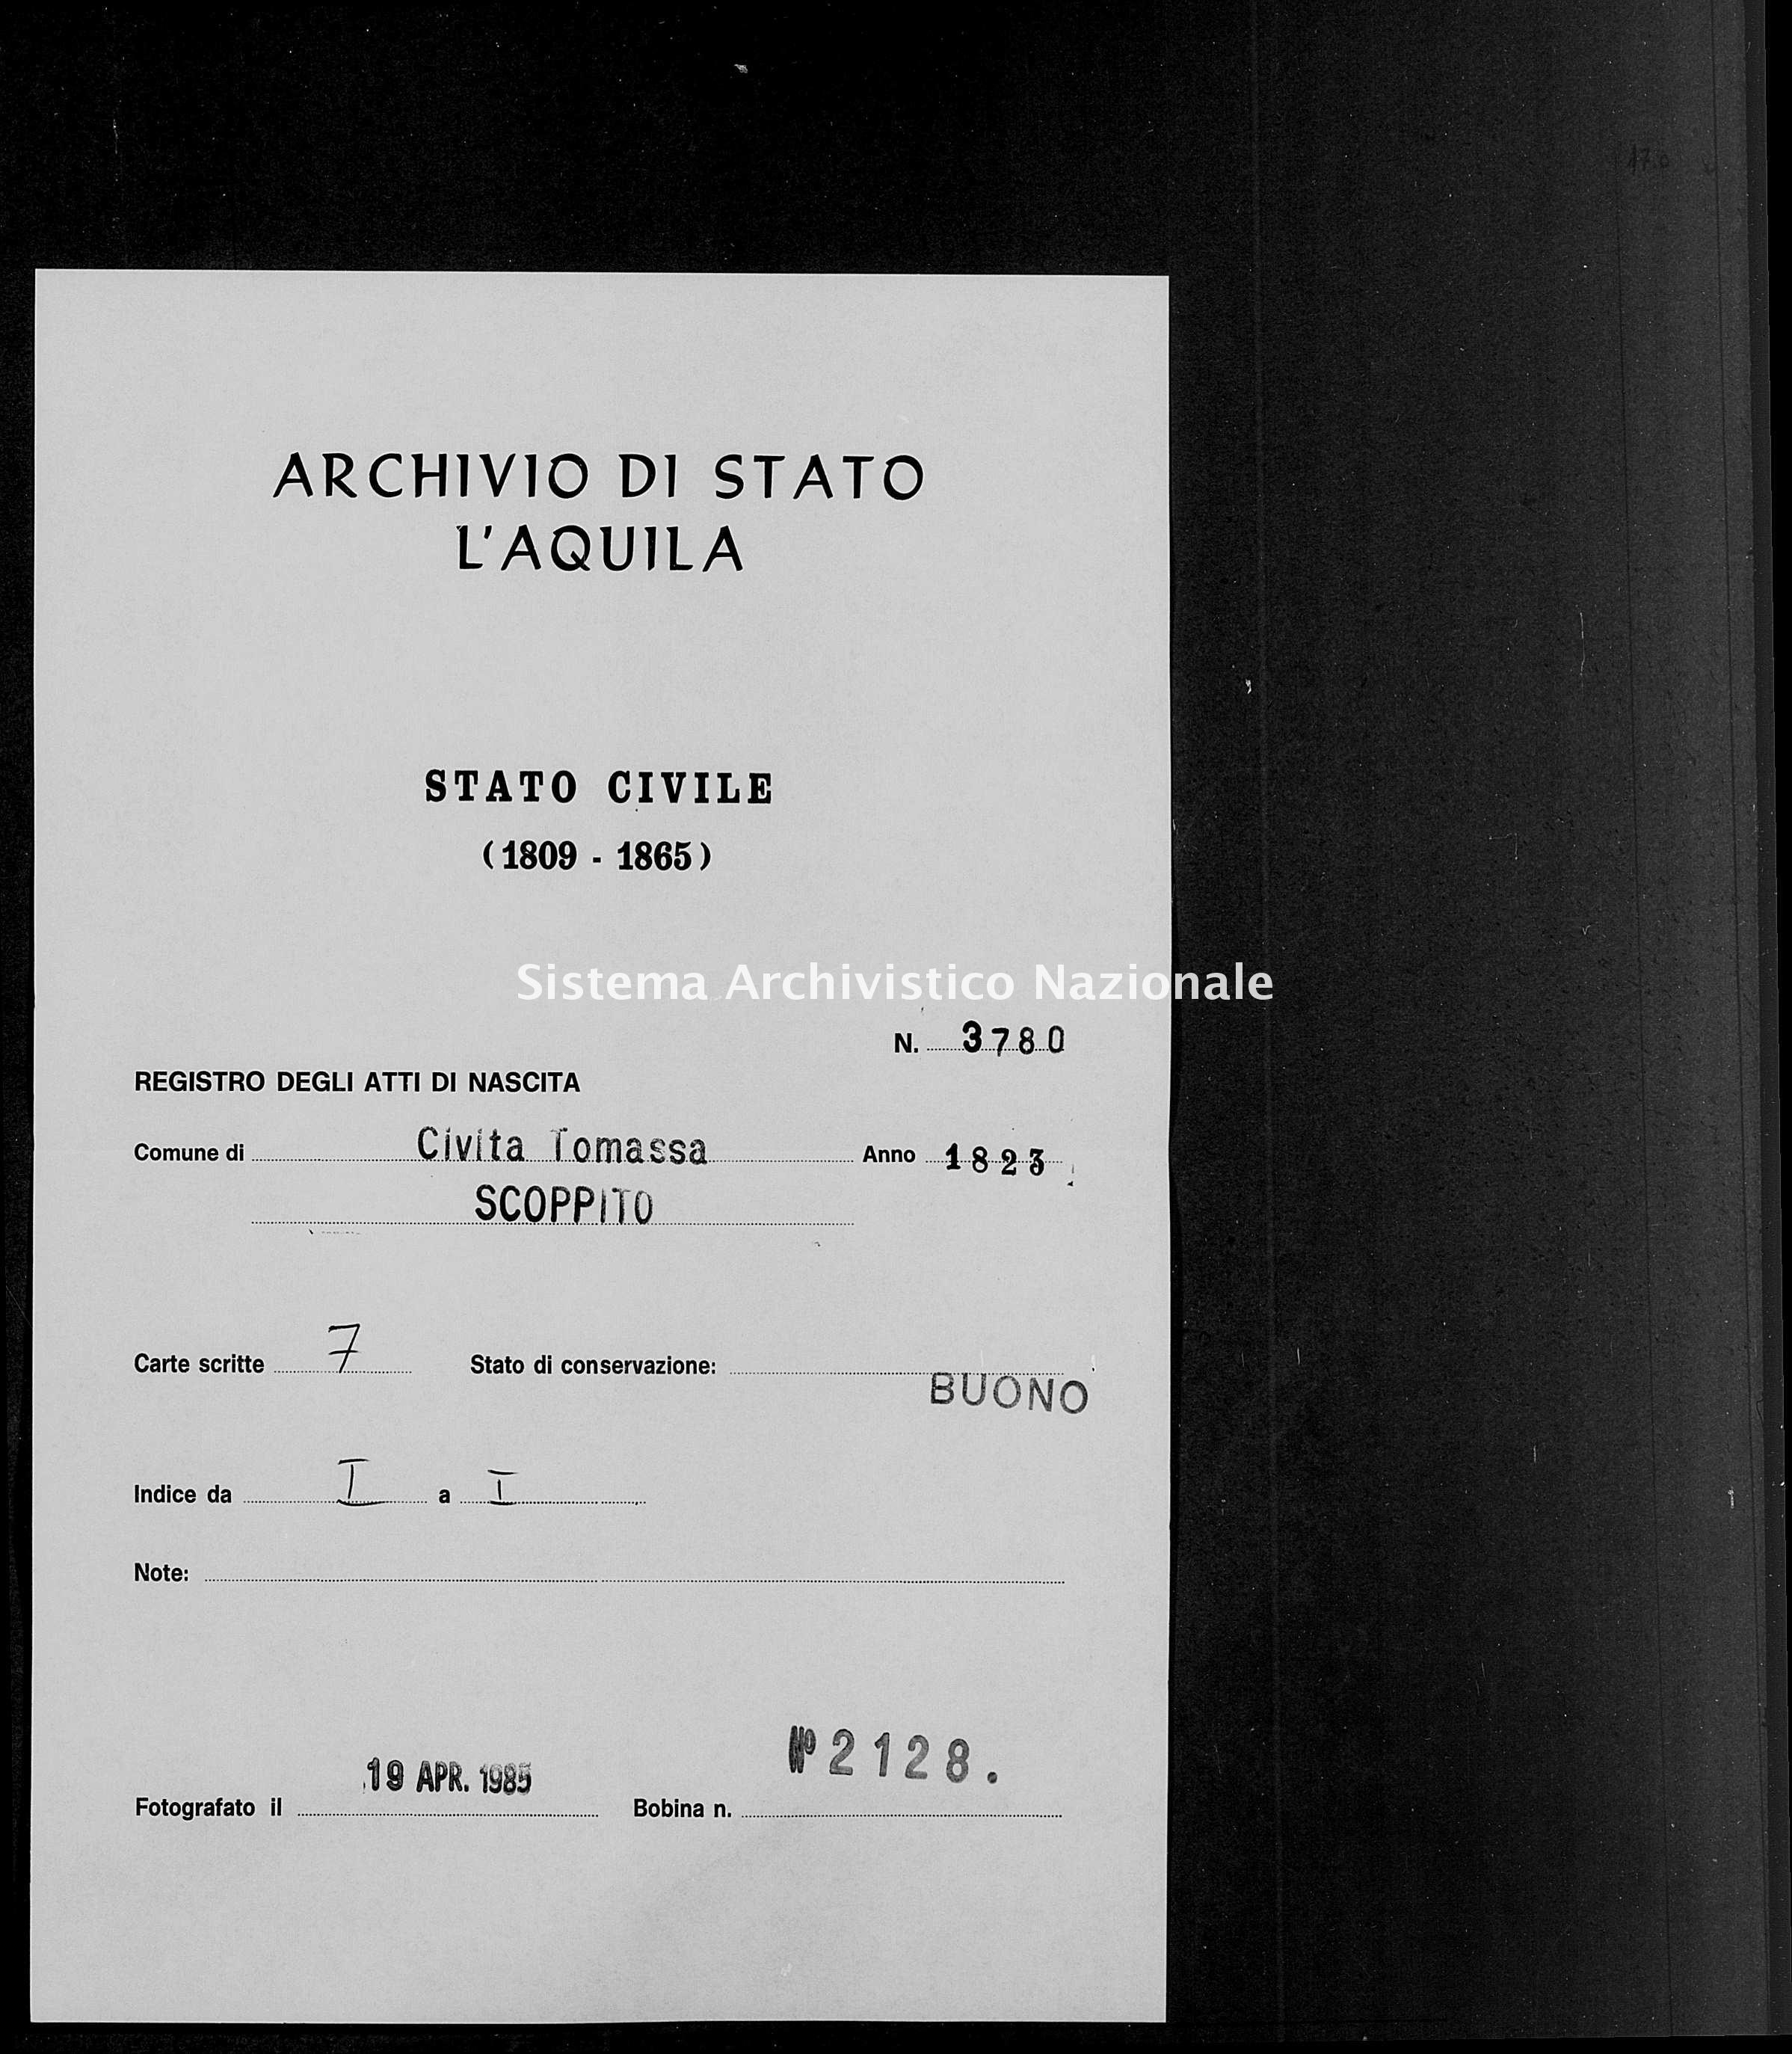 Archivio di stato di L'aquila - Stato civile della restaurazione - Civitatomassa - Nati - 1823 - 3780 -